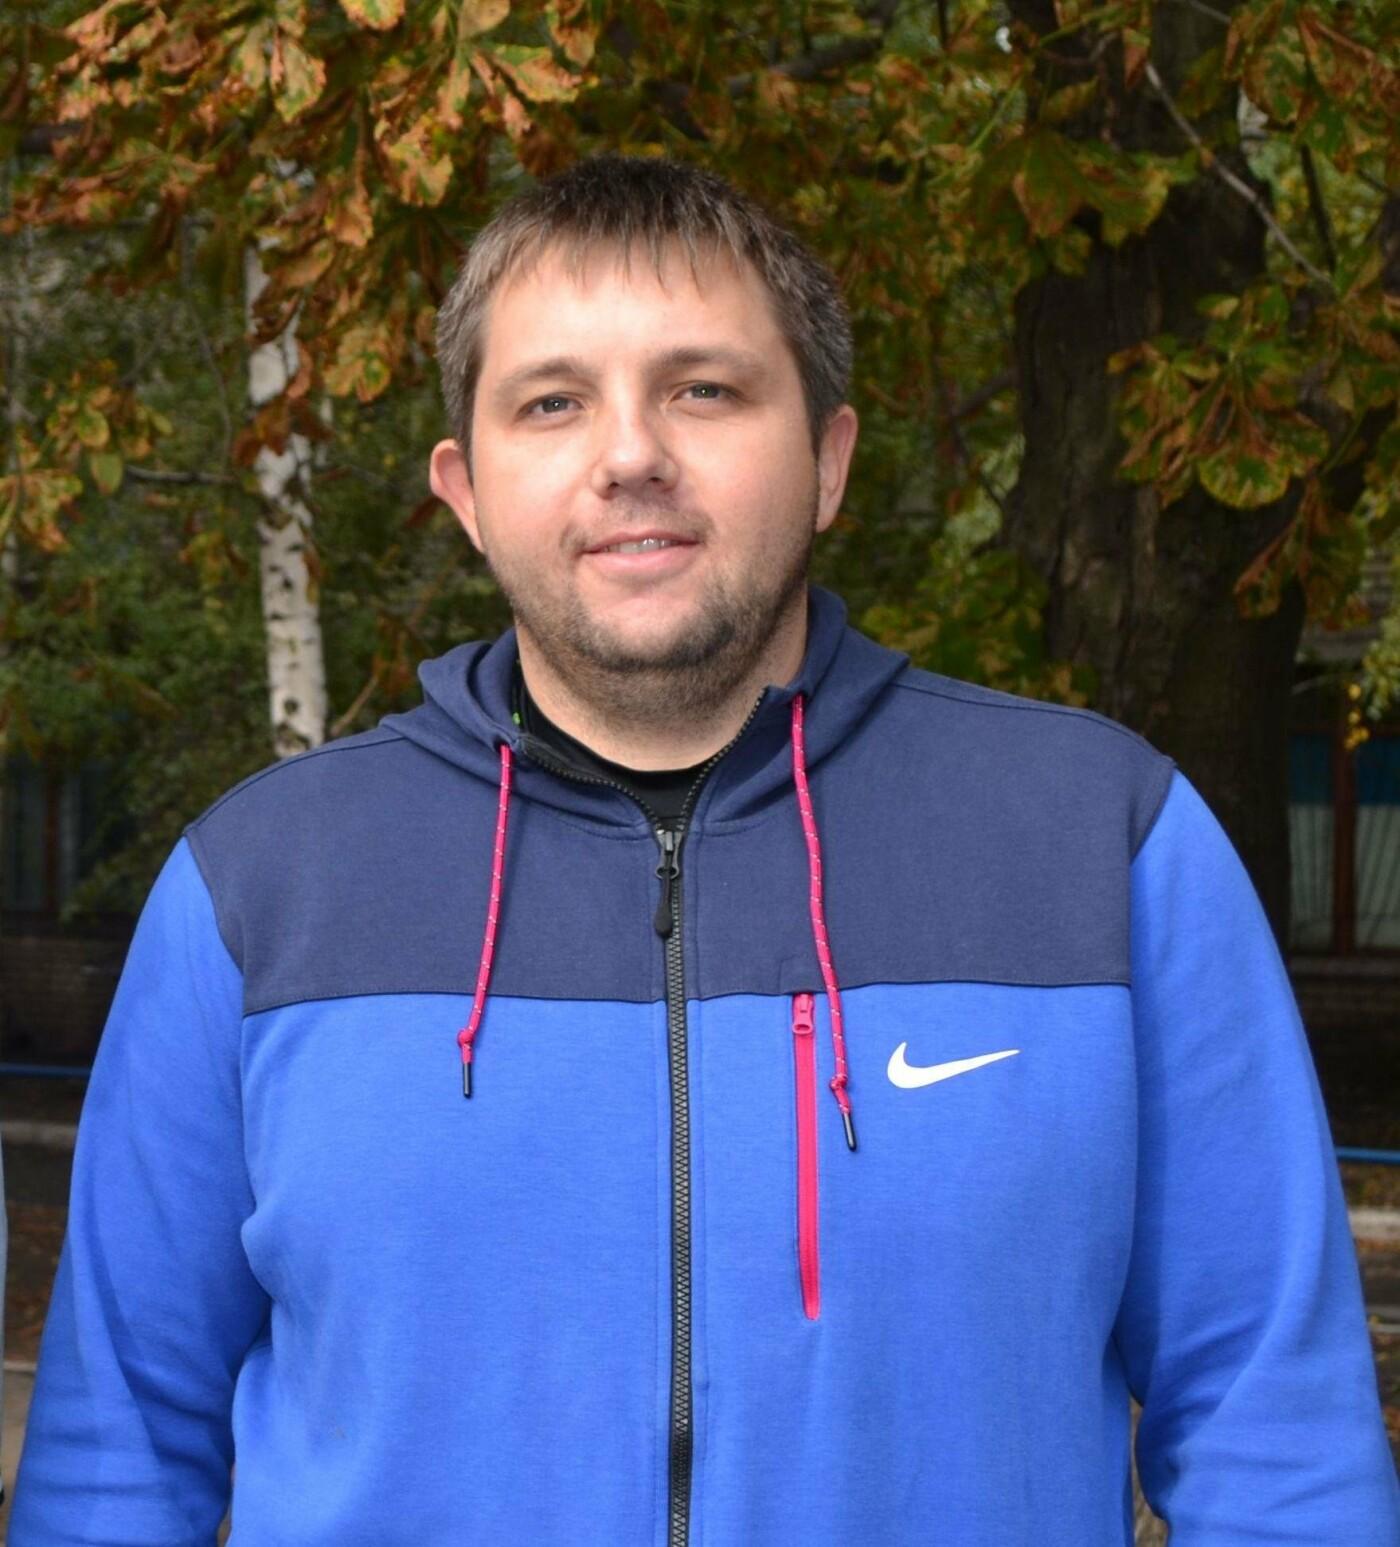 В Запорожье с успехом прошли соревнования по стритболу среди аматоров при финансовой поддержке мецената Александра Богуслаева, фото-1